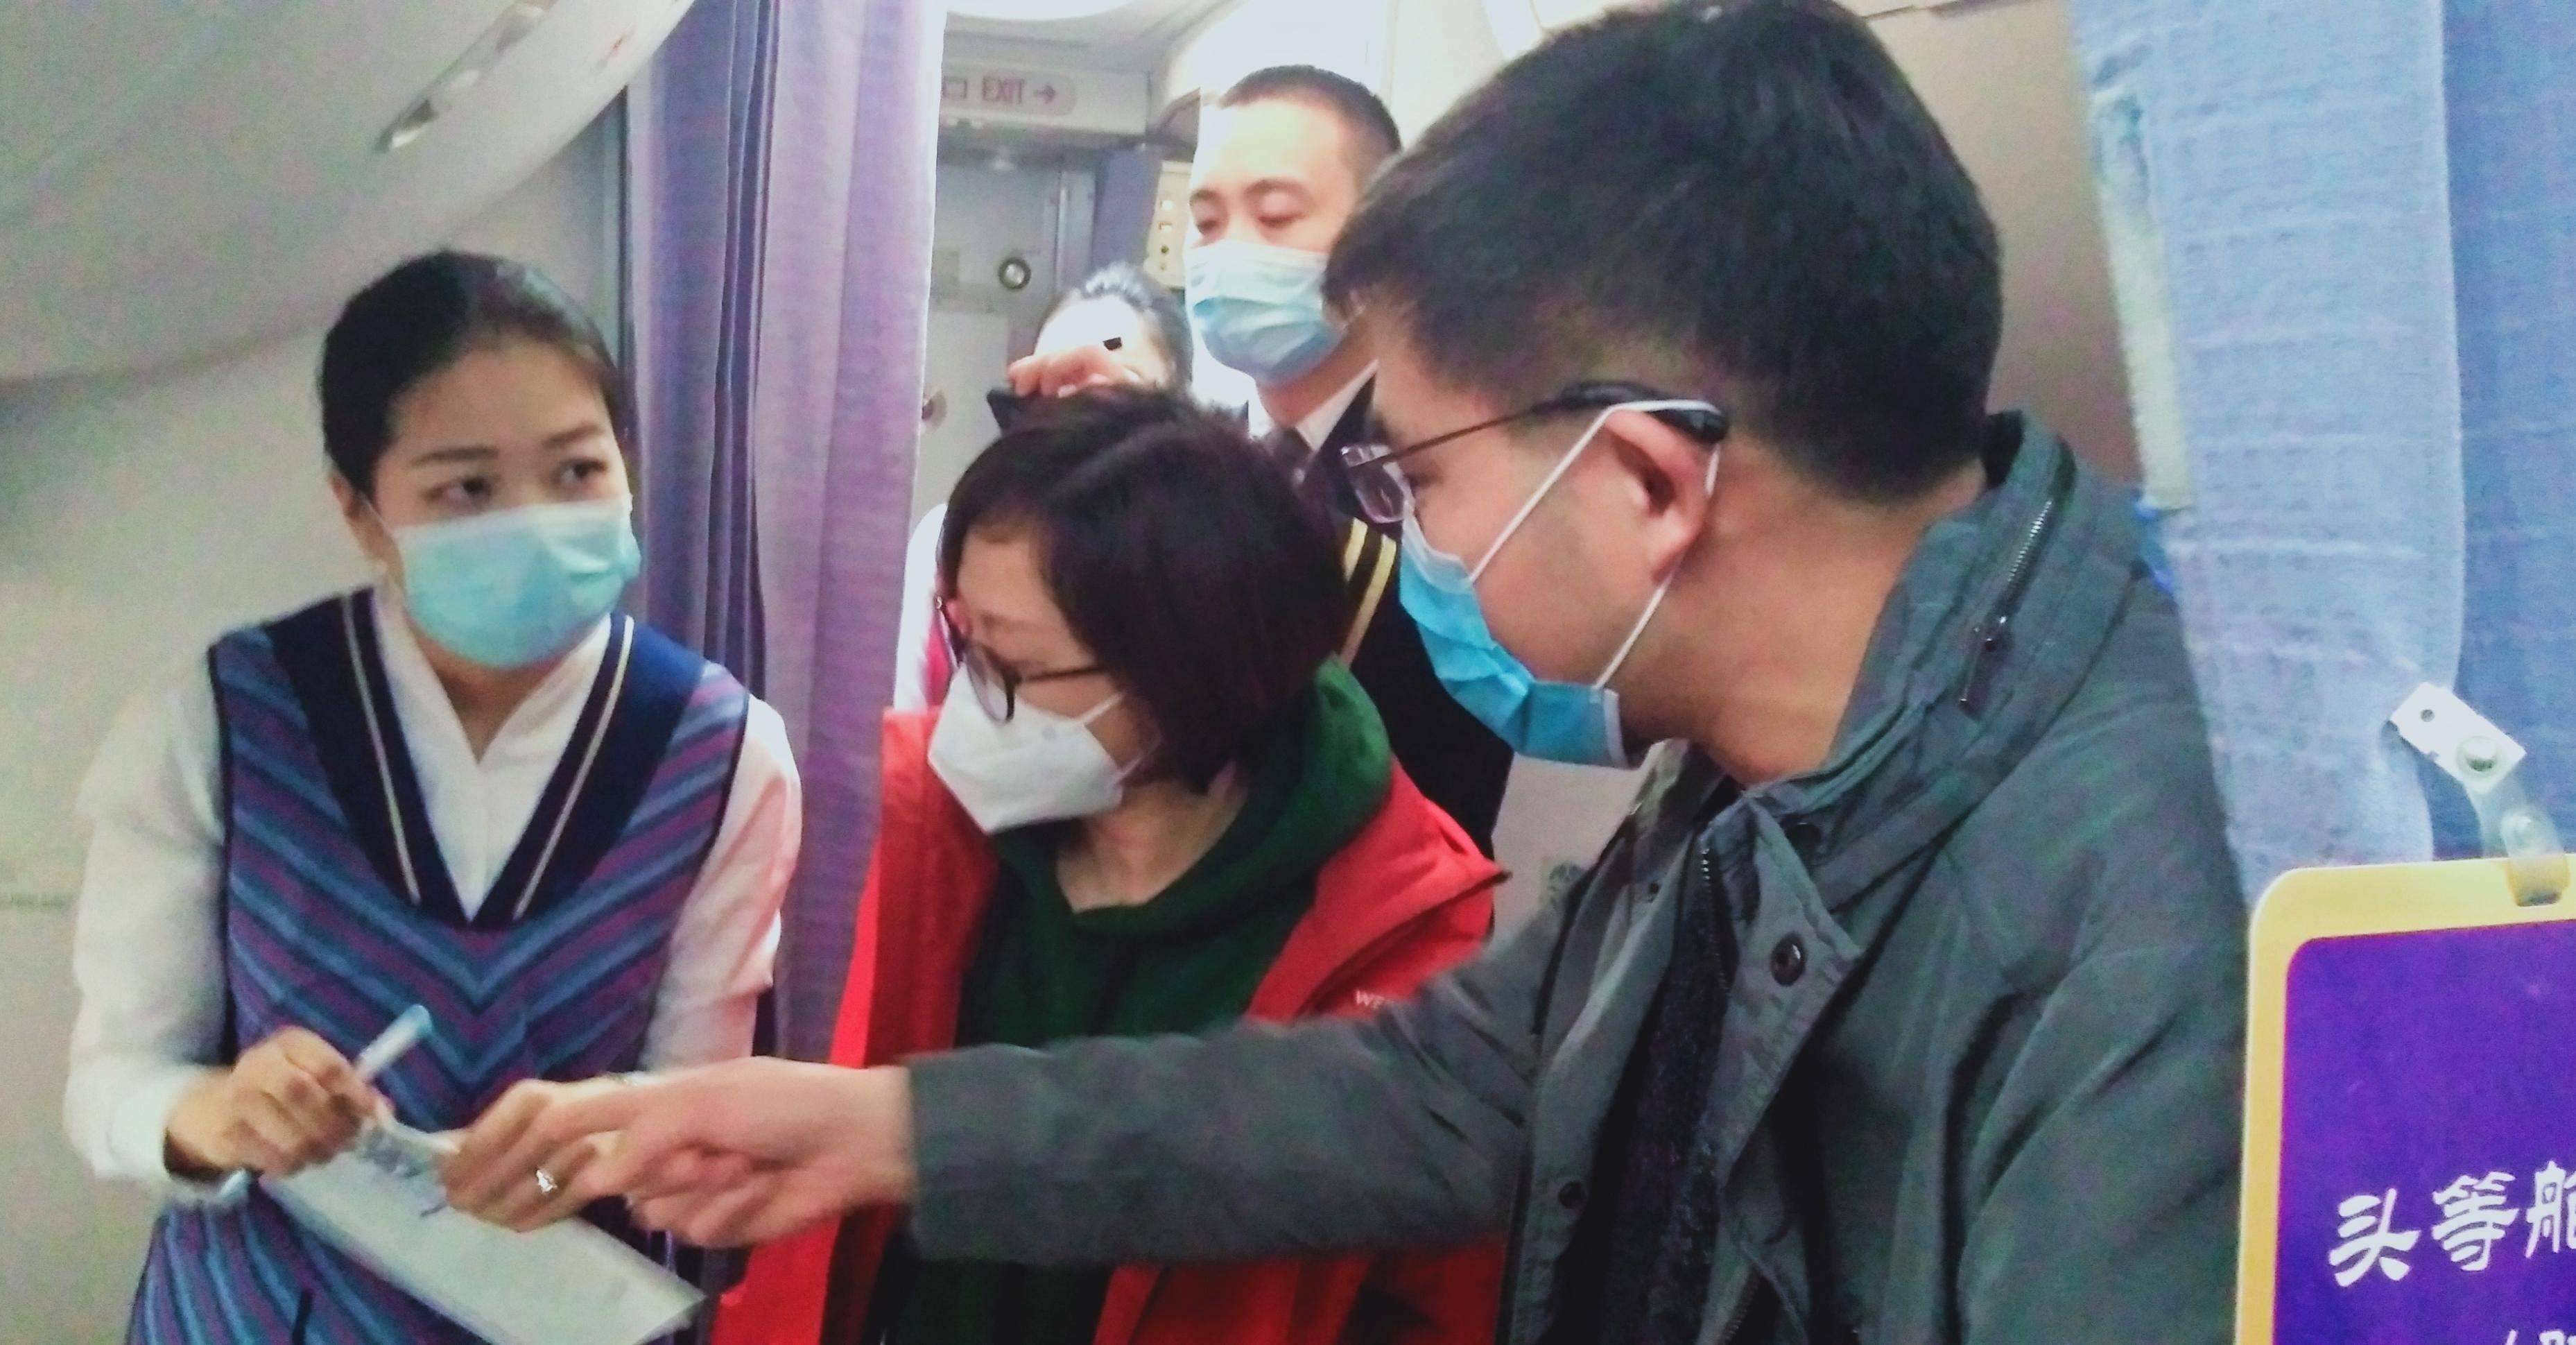 中大医院援疆医生张云霞(左二)正在指导用药